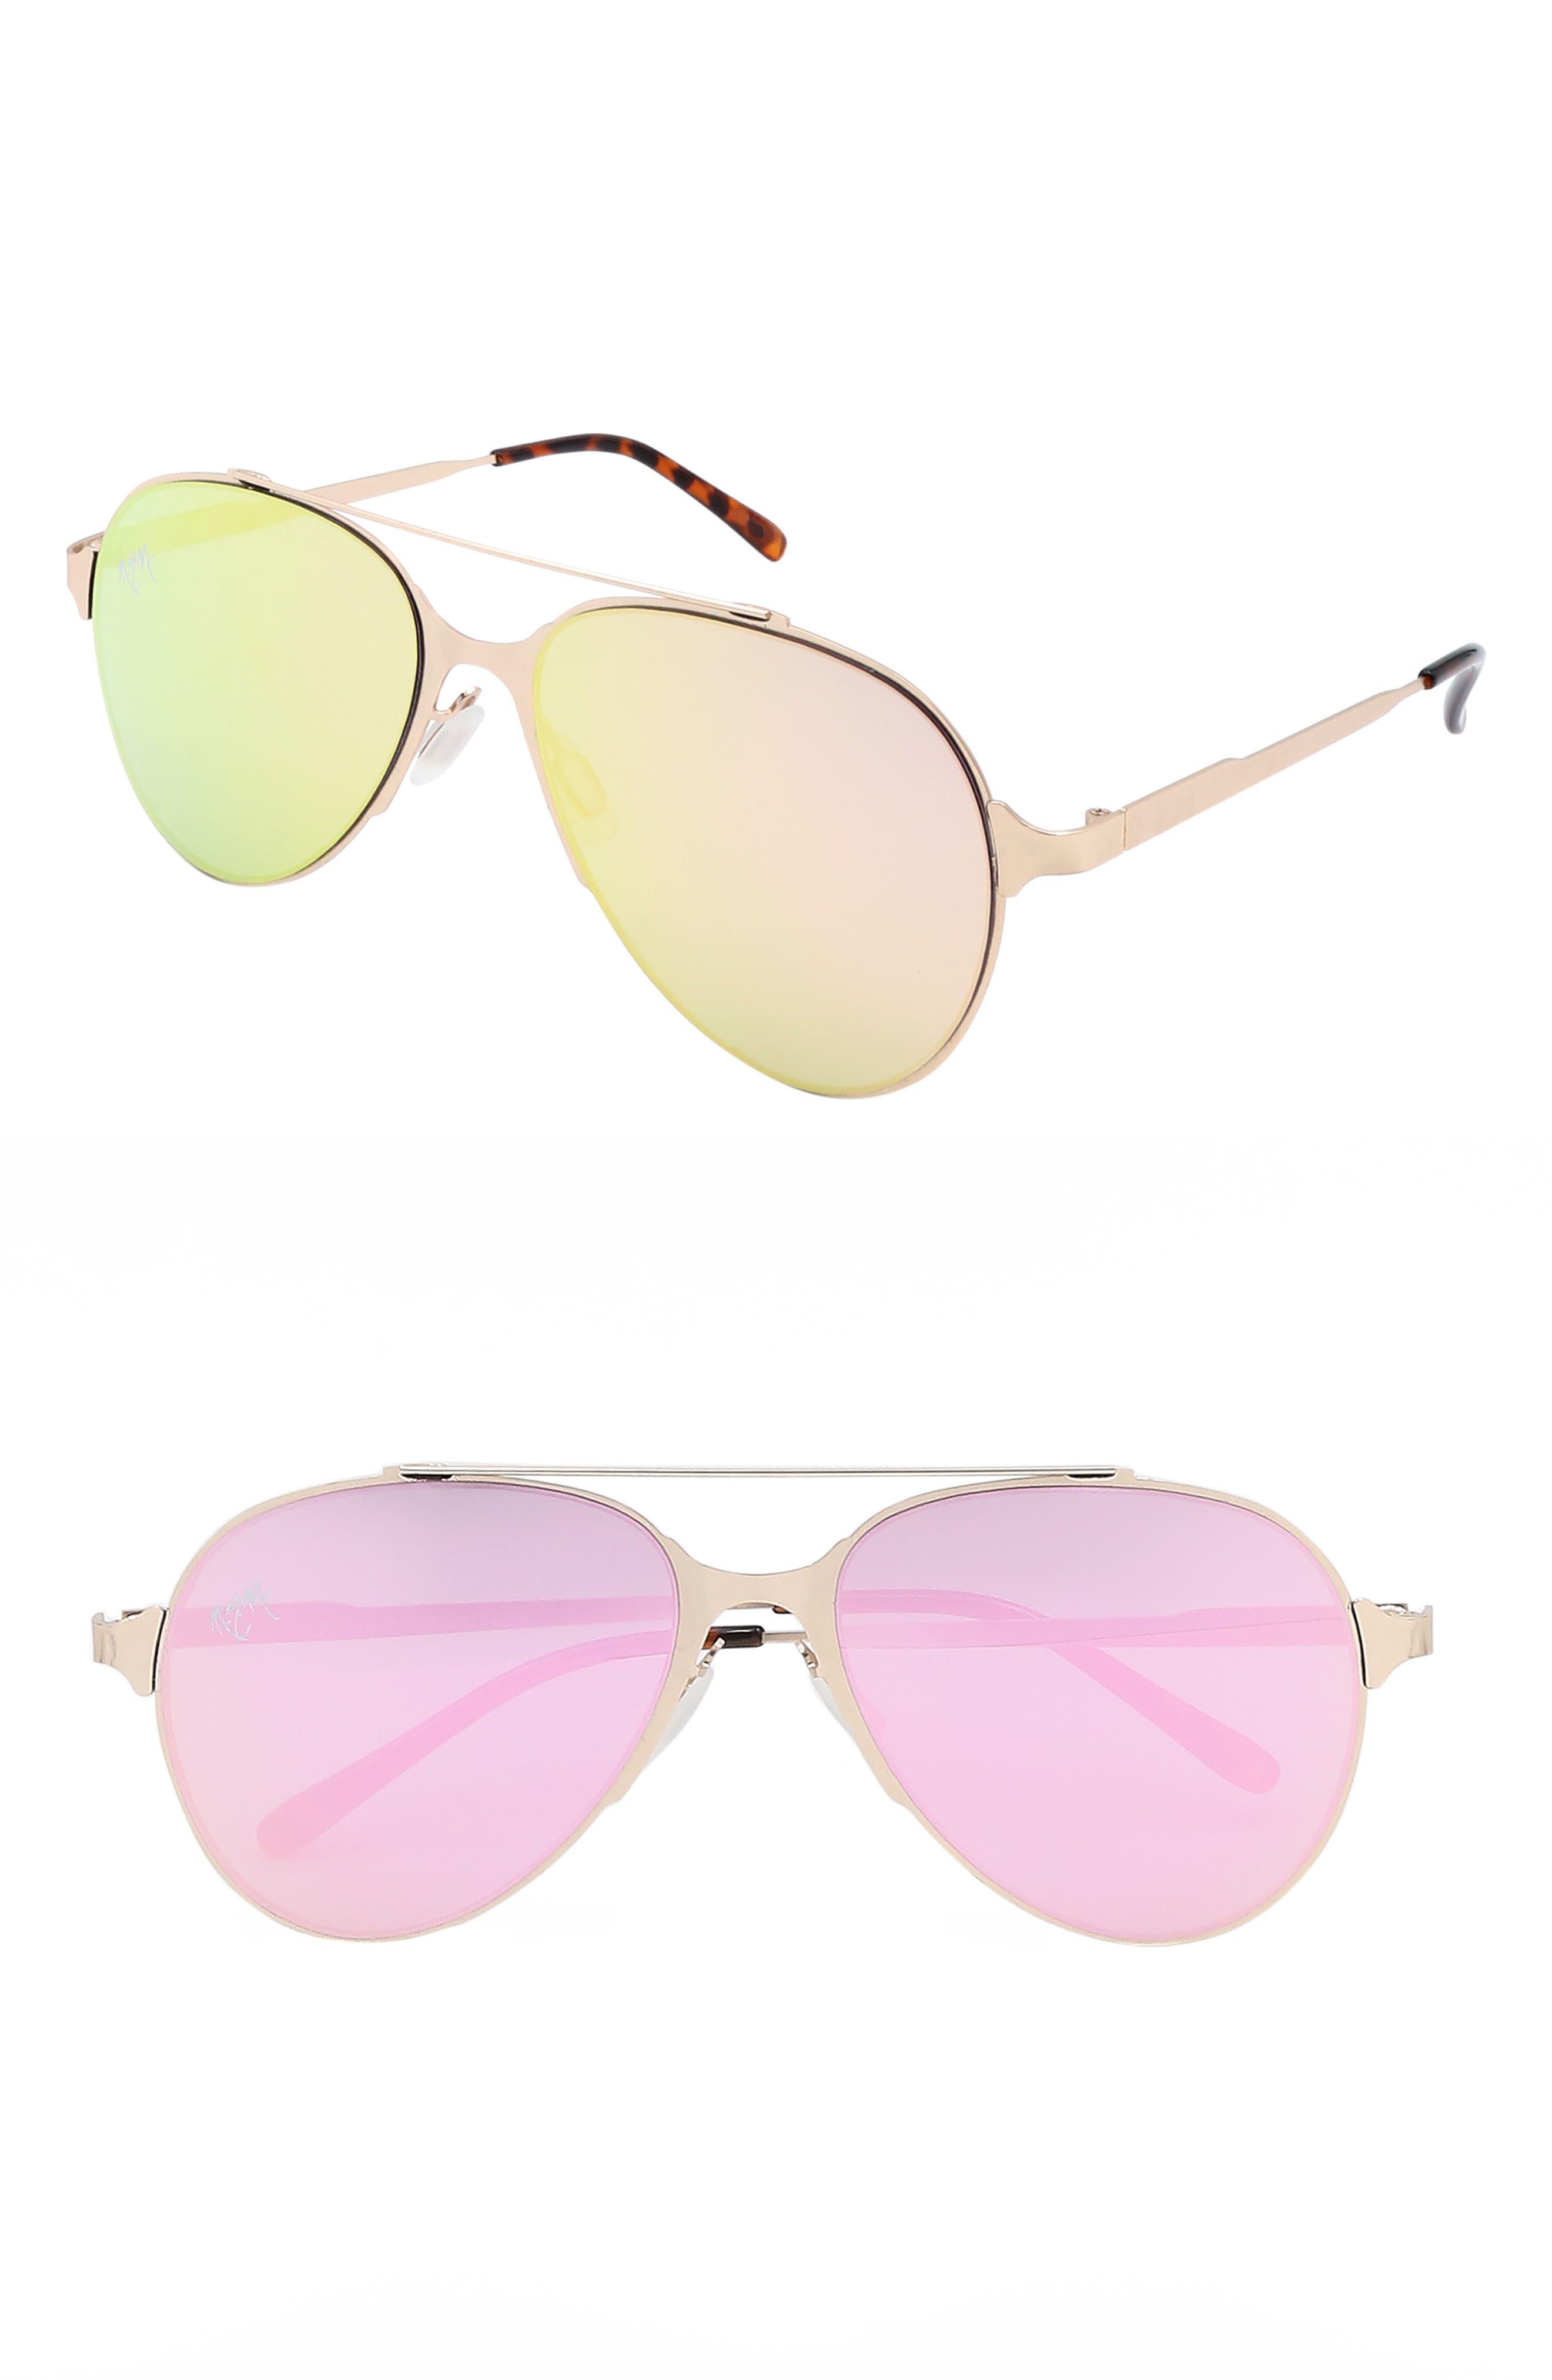 Nem 55Mm Mirrored Aviator Sunglasses - Rose Gold W Rose Gold Lens